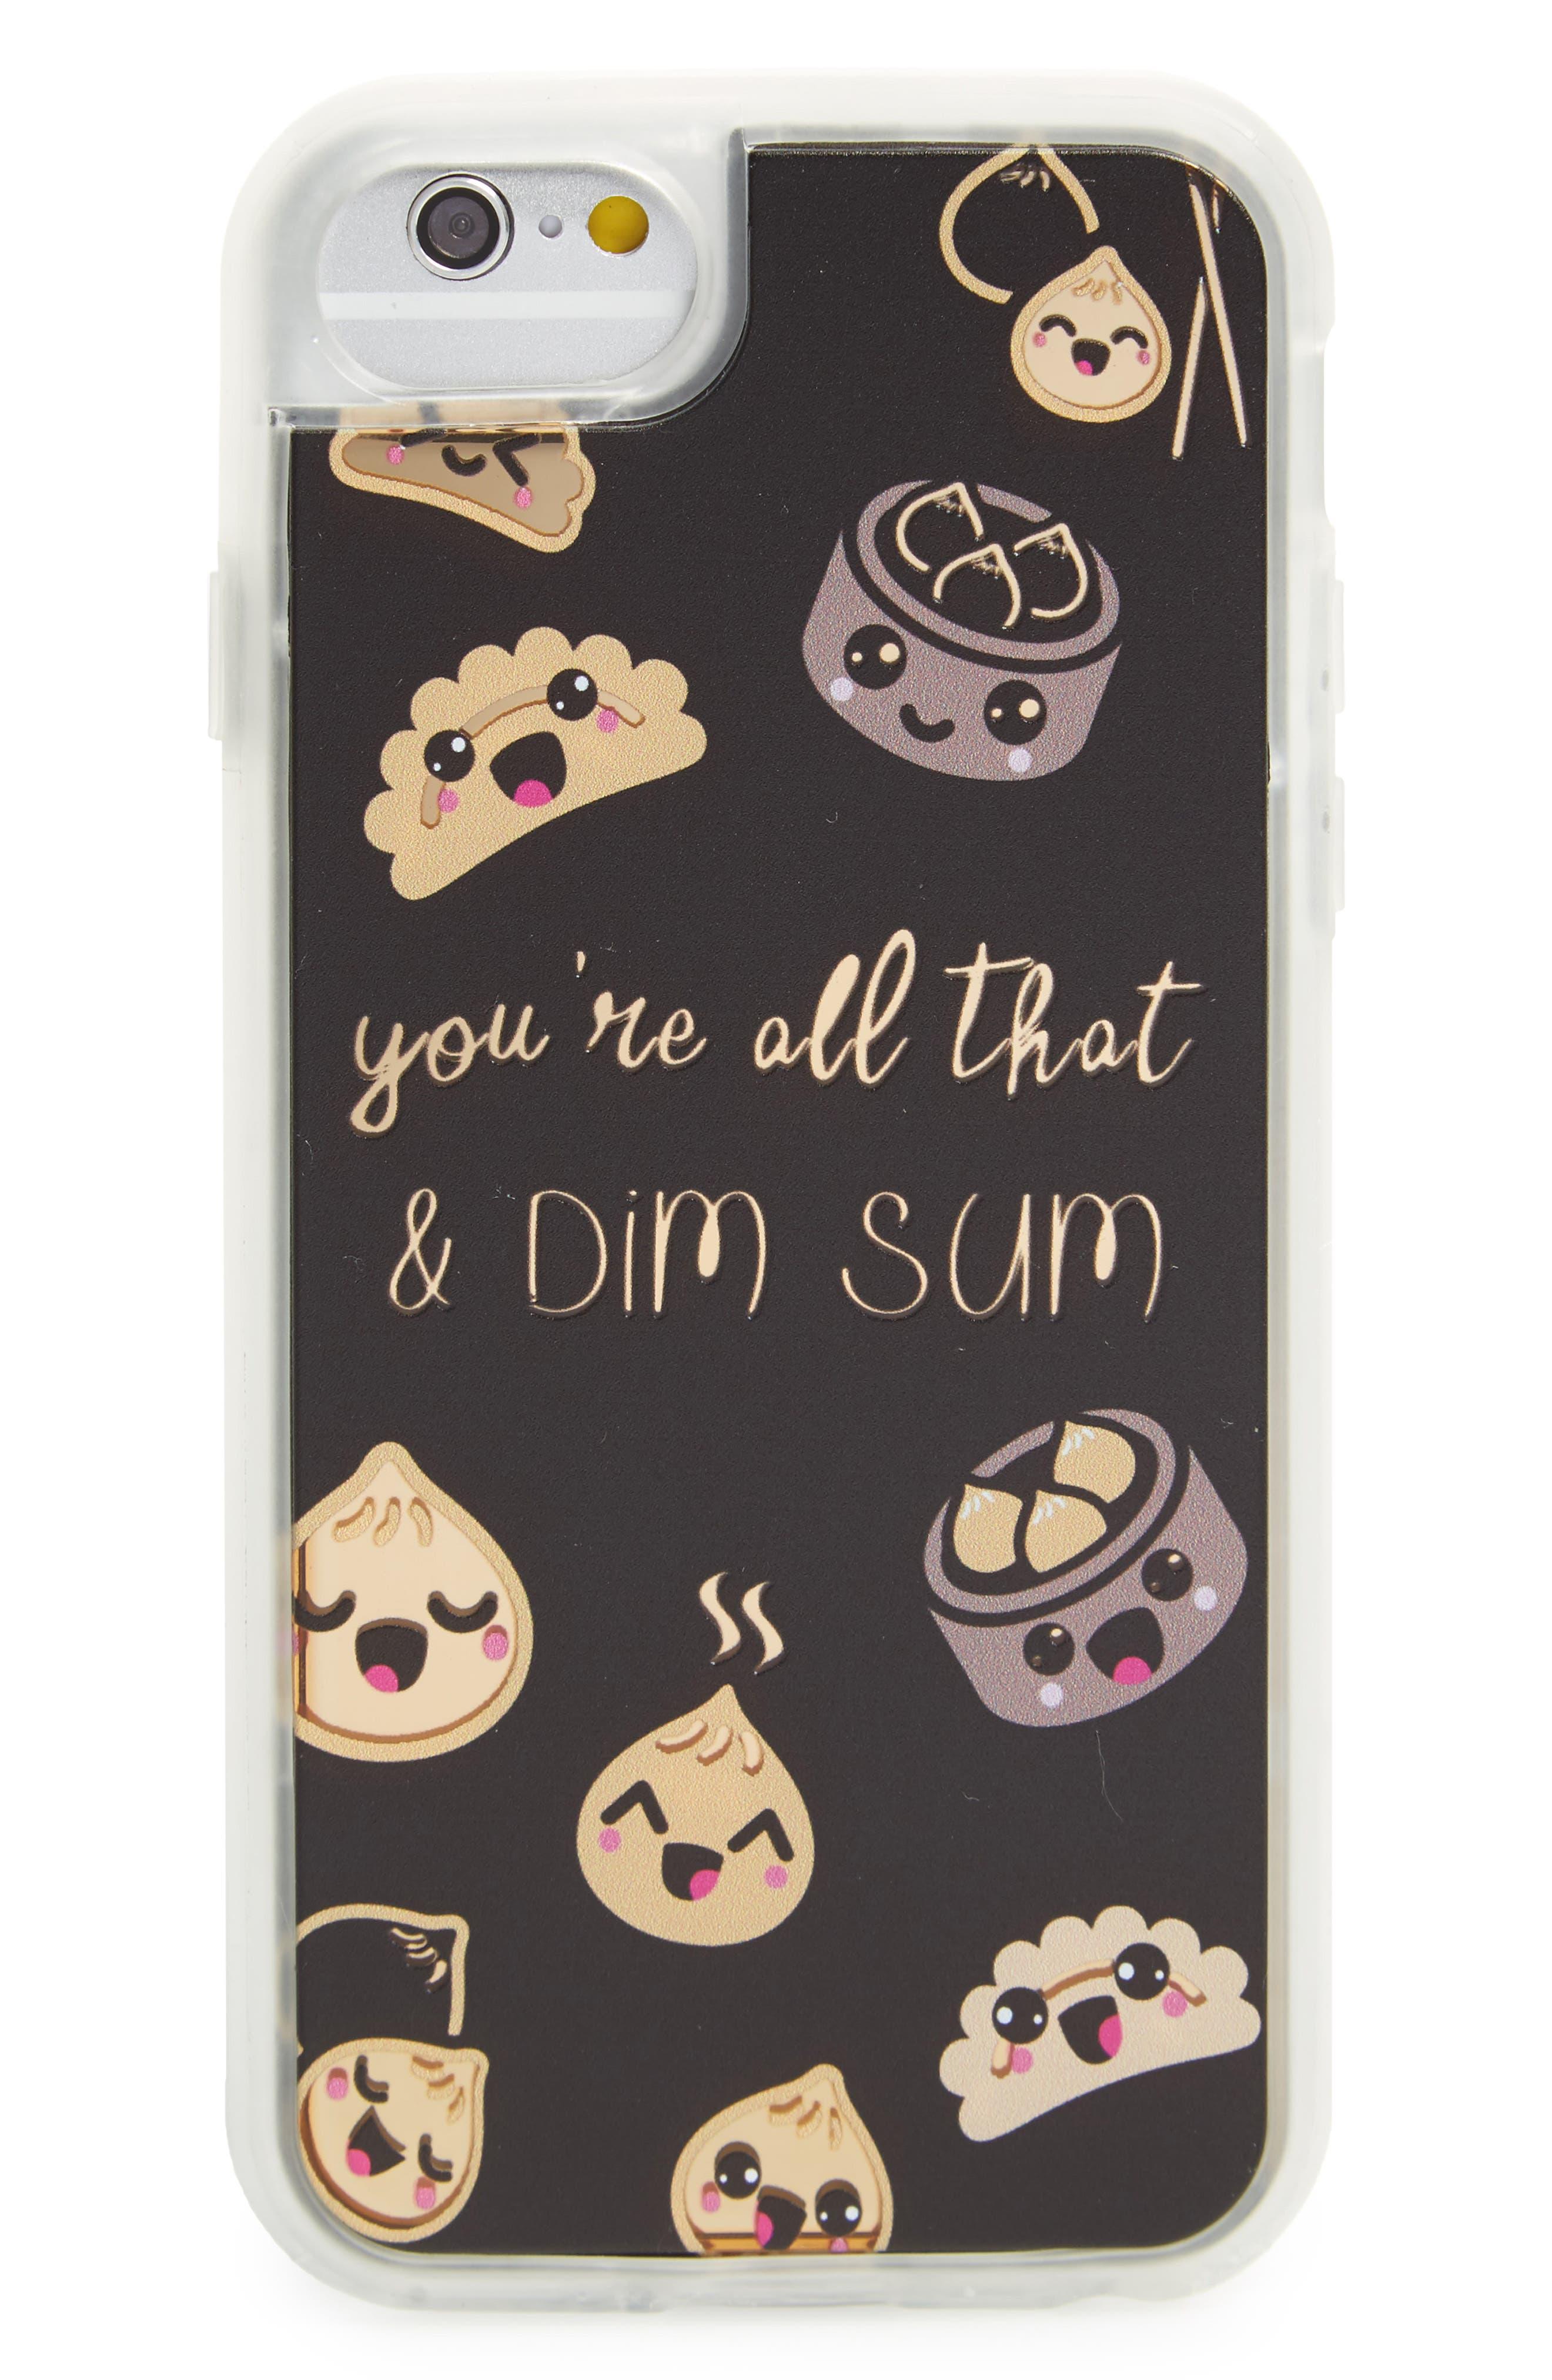 Dim Sum iPhone 6/6s/7 Case,                             Main thumbnail 1, color,                             Black / Gold